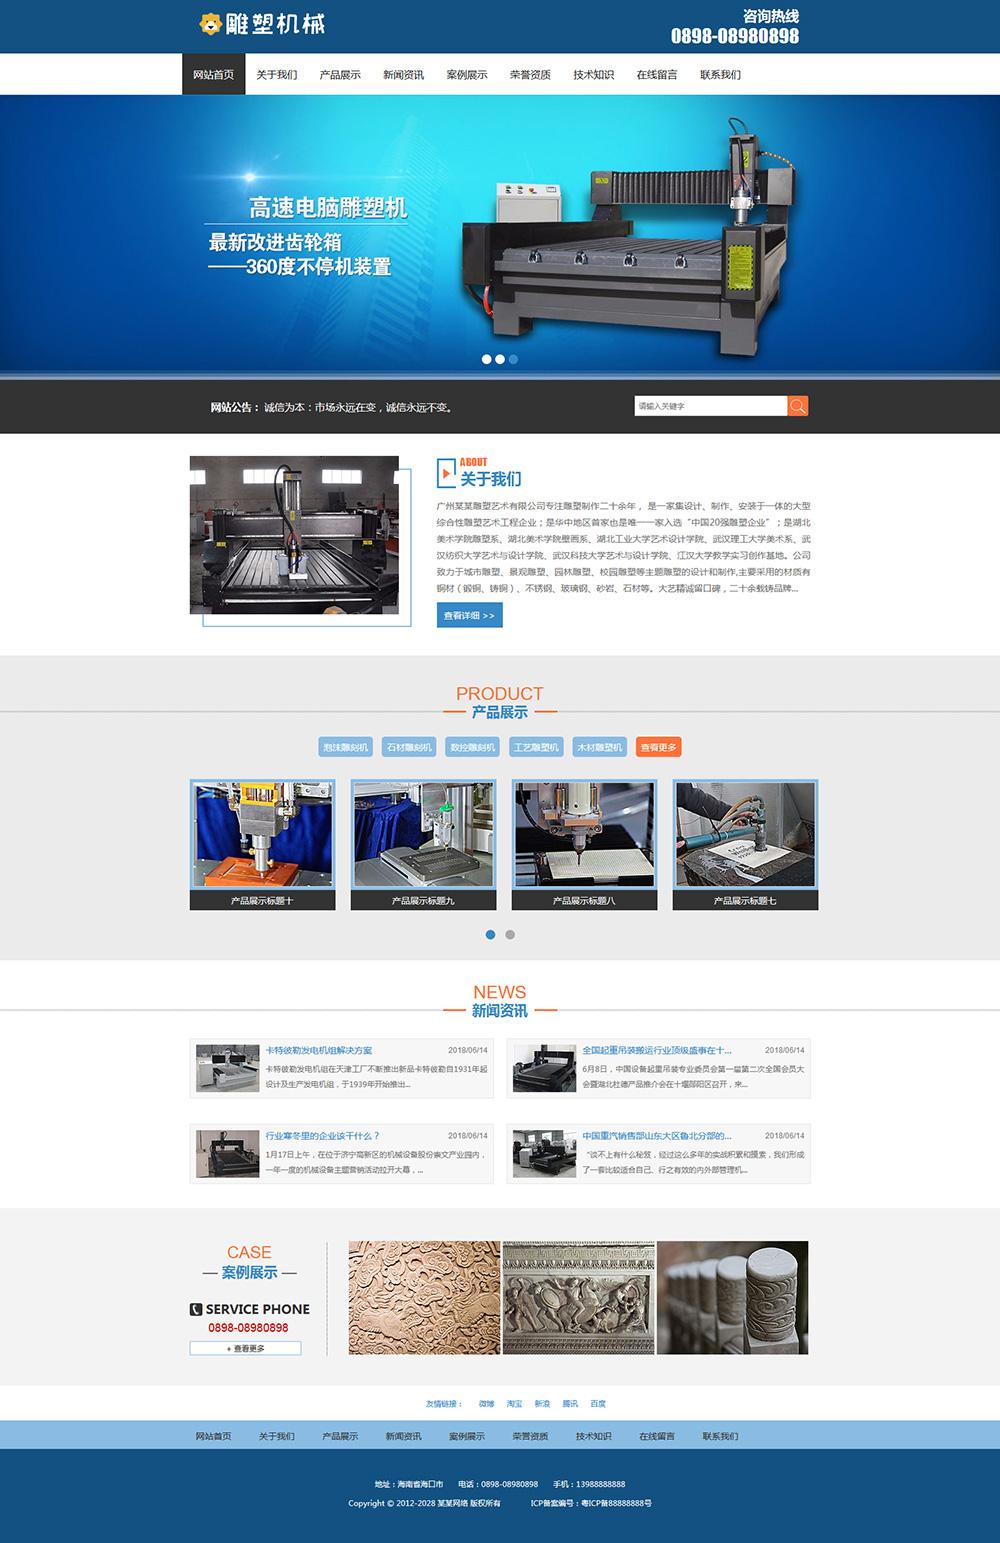 雕塑机机械设备类企业建站模板-649